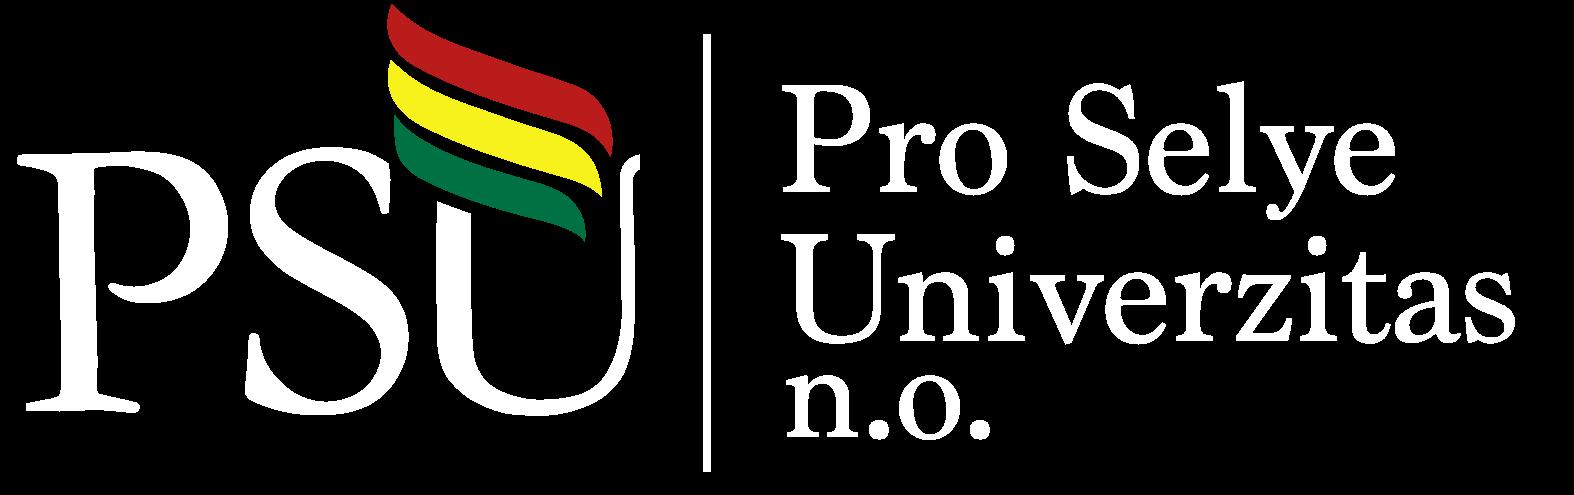 proselye-logo-bw